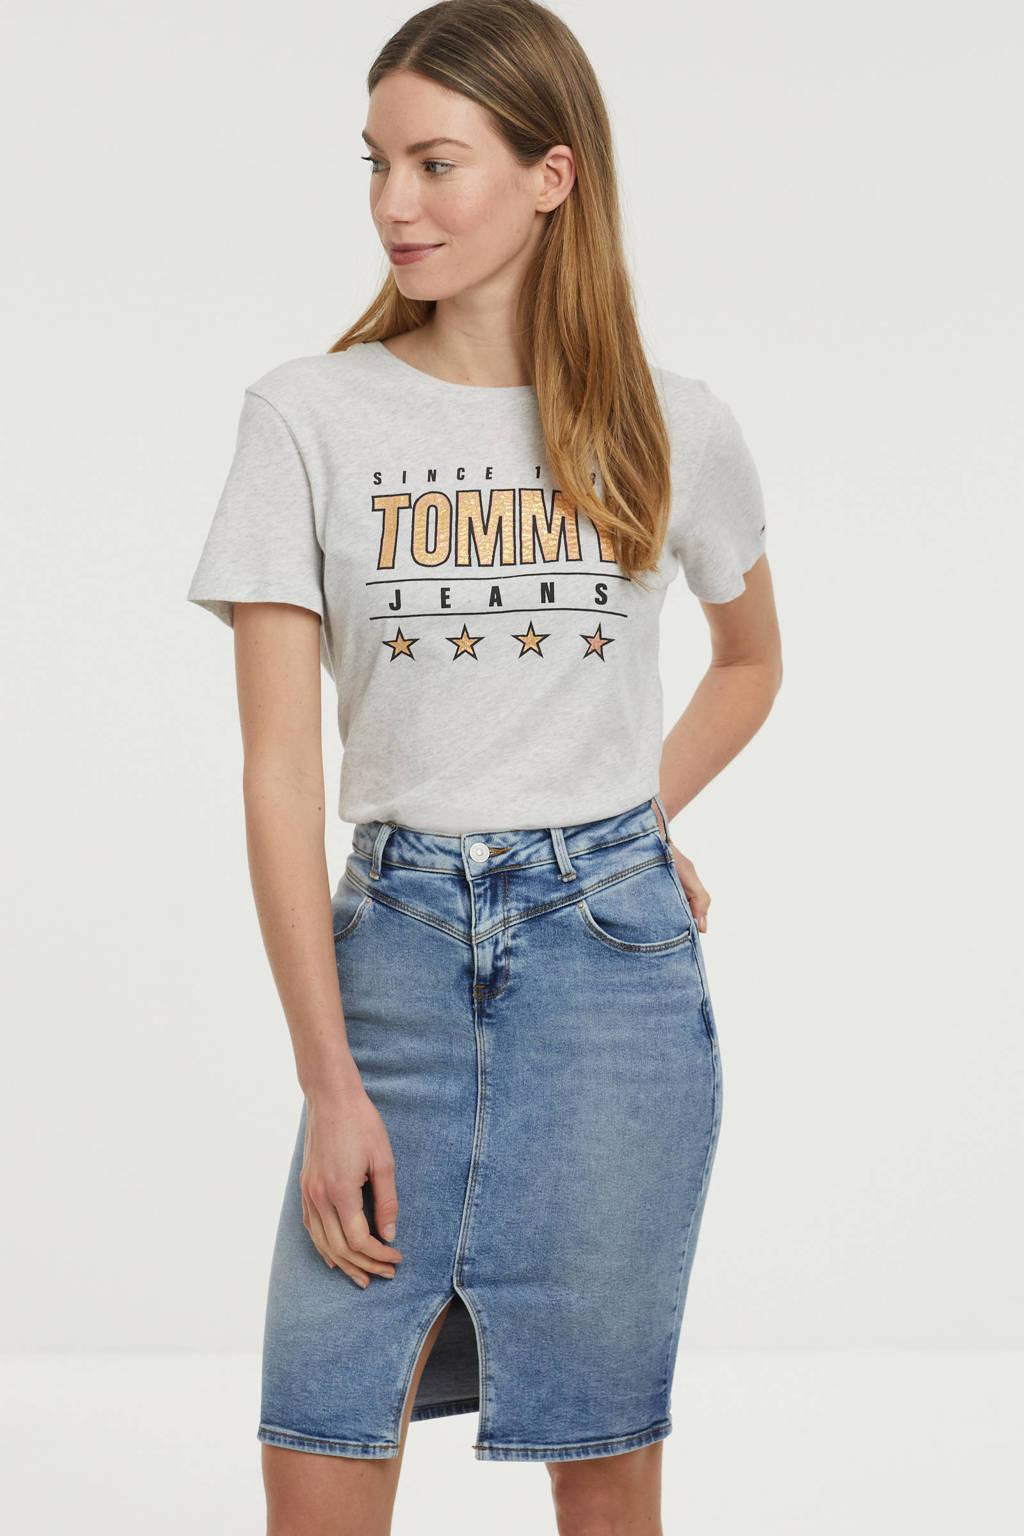 Tommy Jeans T-shirt van biologisch katoen lichtgrijs melange, Lichtgrijs melange